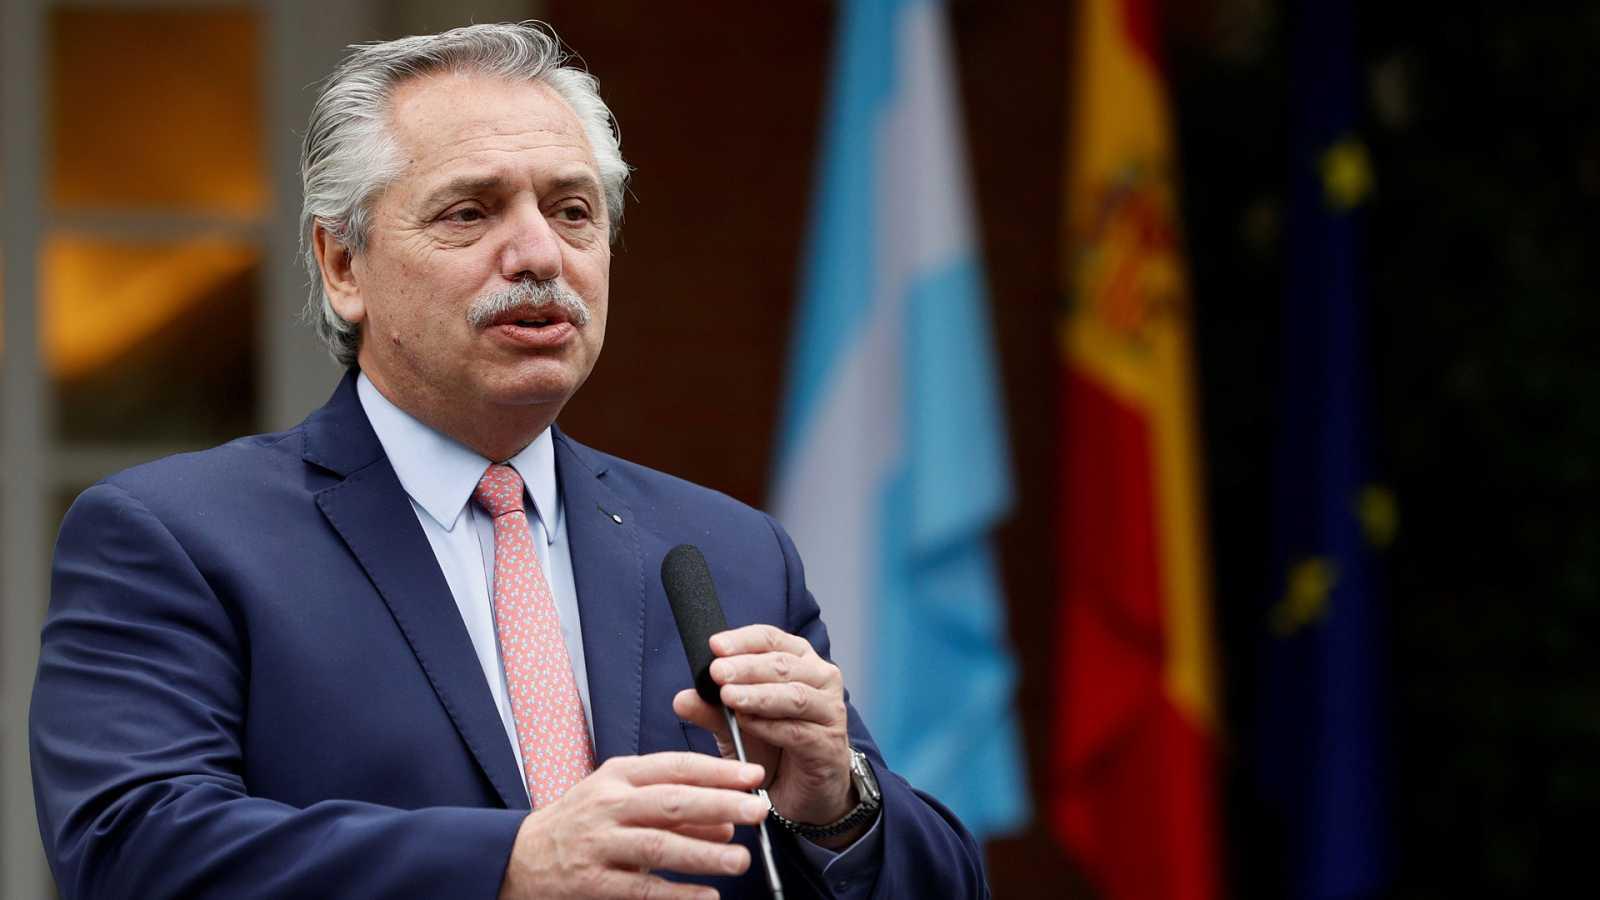 Hora América - Visita del presidente argentino, Alberto Fernández, a España, dentro de su gira europea - 11/05/21 - escuchar ahora